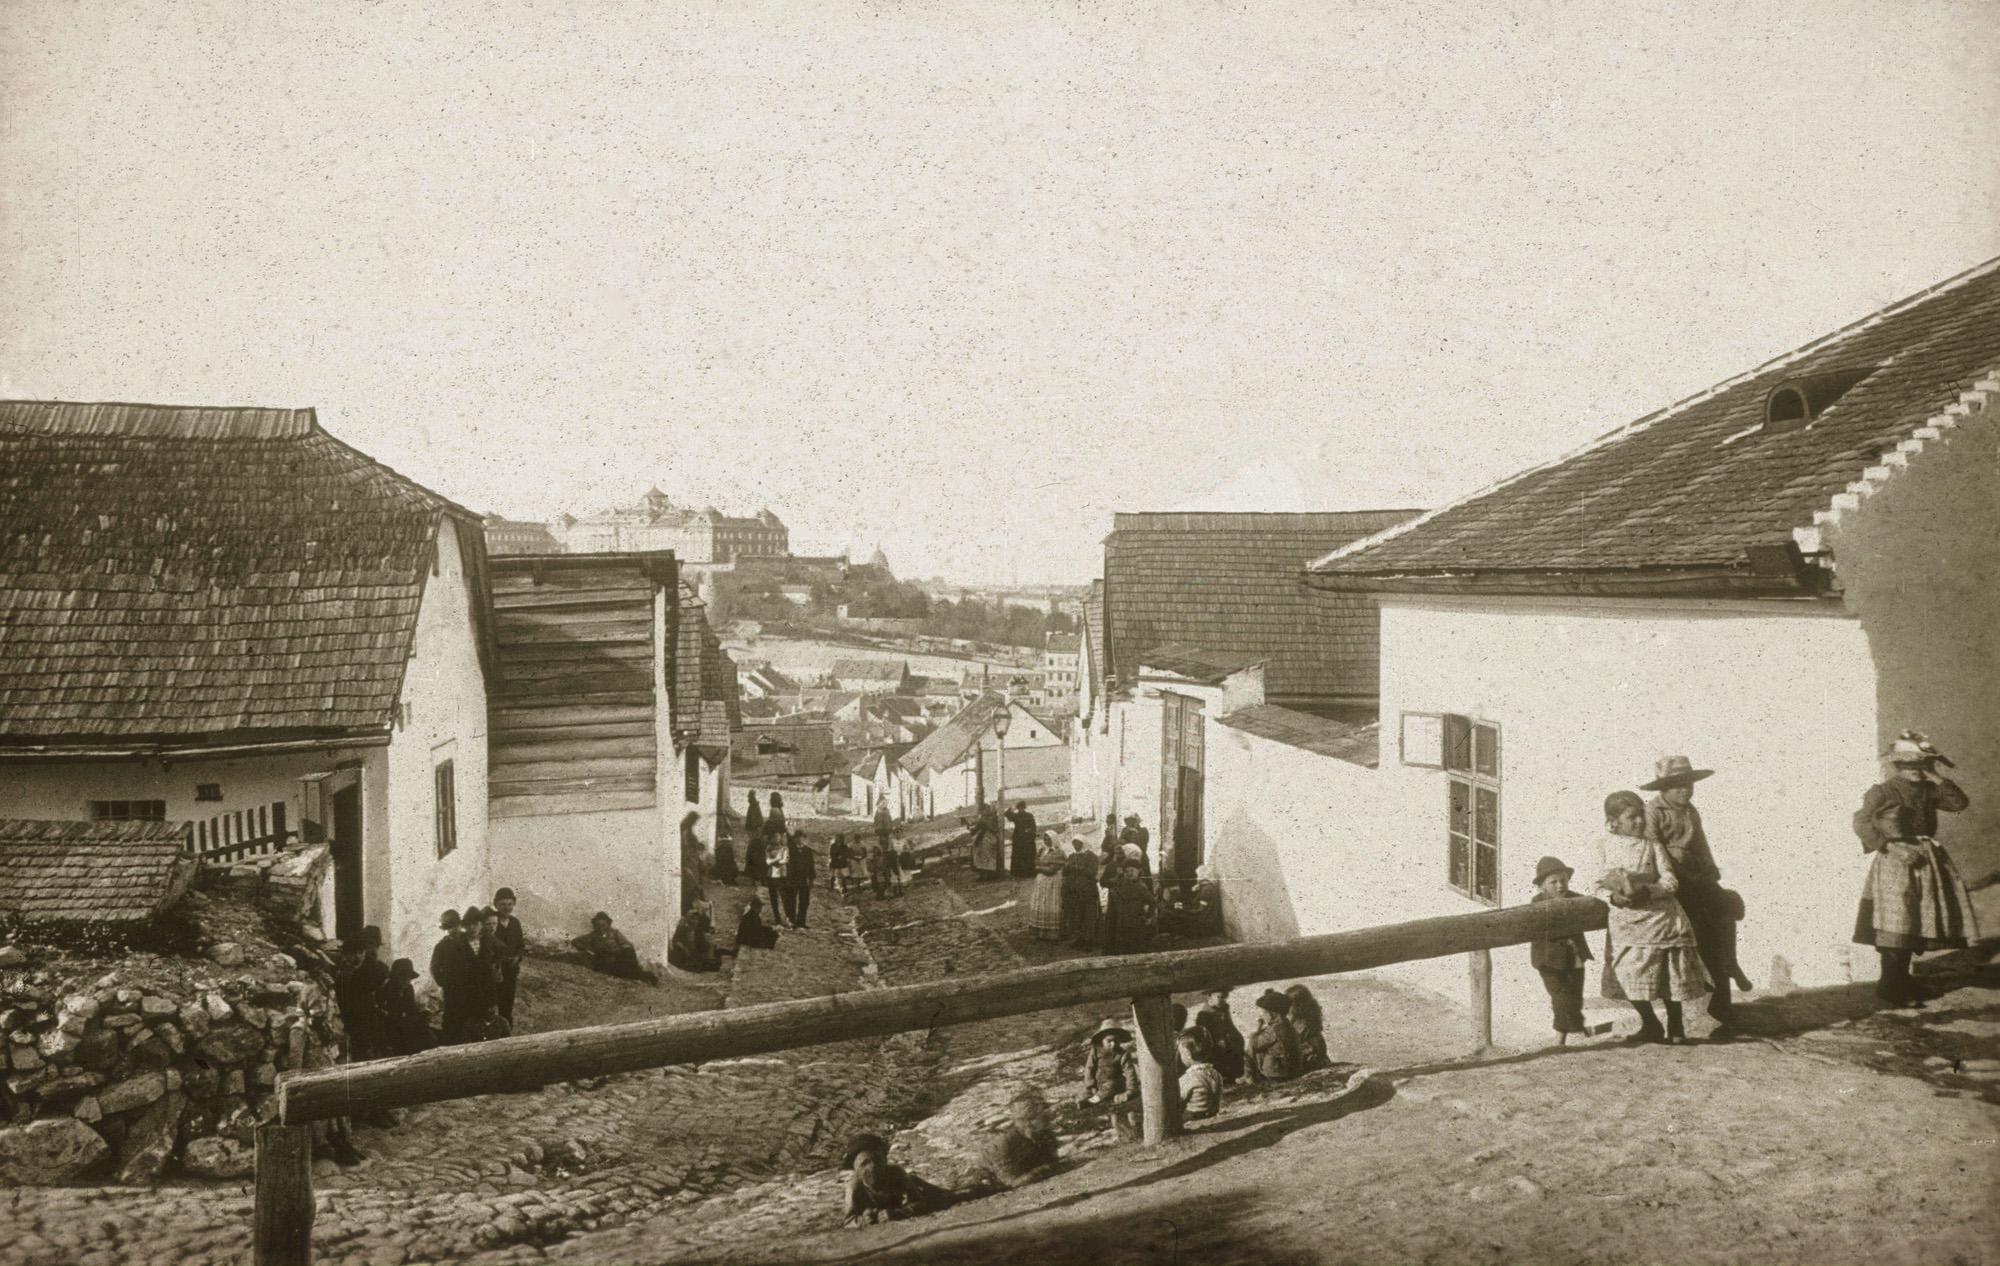 Fotó: Klösz György: Az egykori Tabán (Szikla u.), 1890 k. (Kisképző Digitális Fotótár)